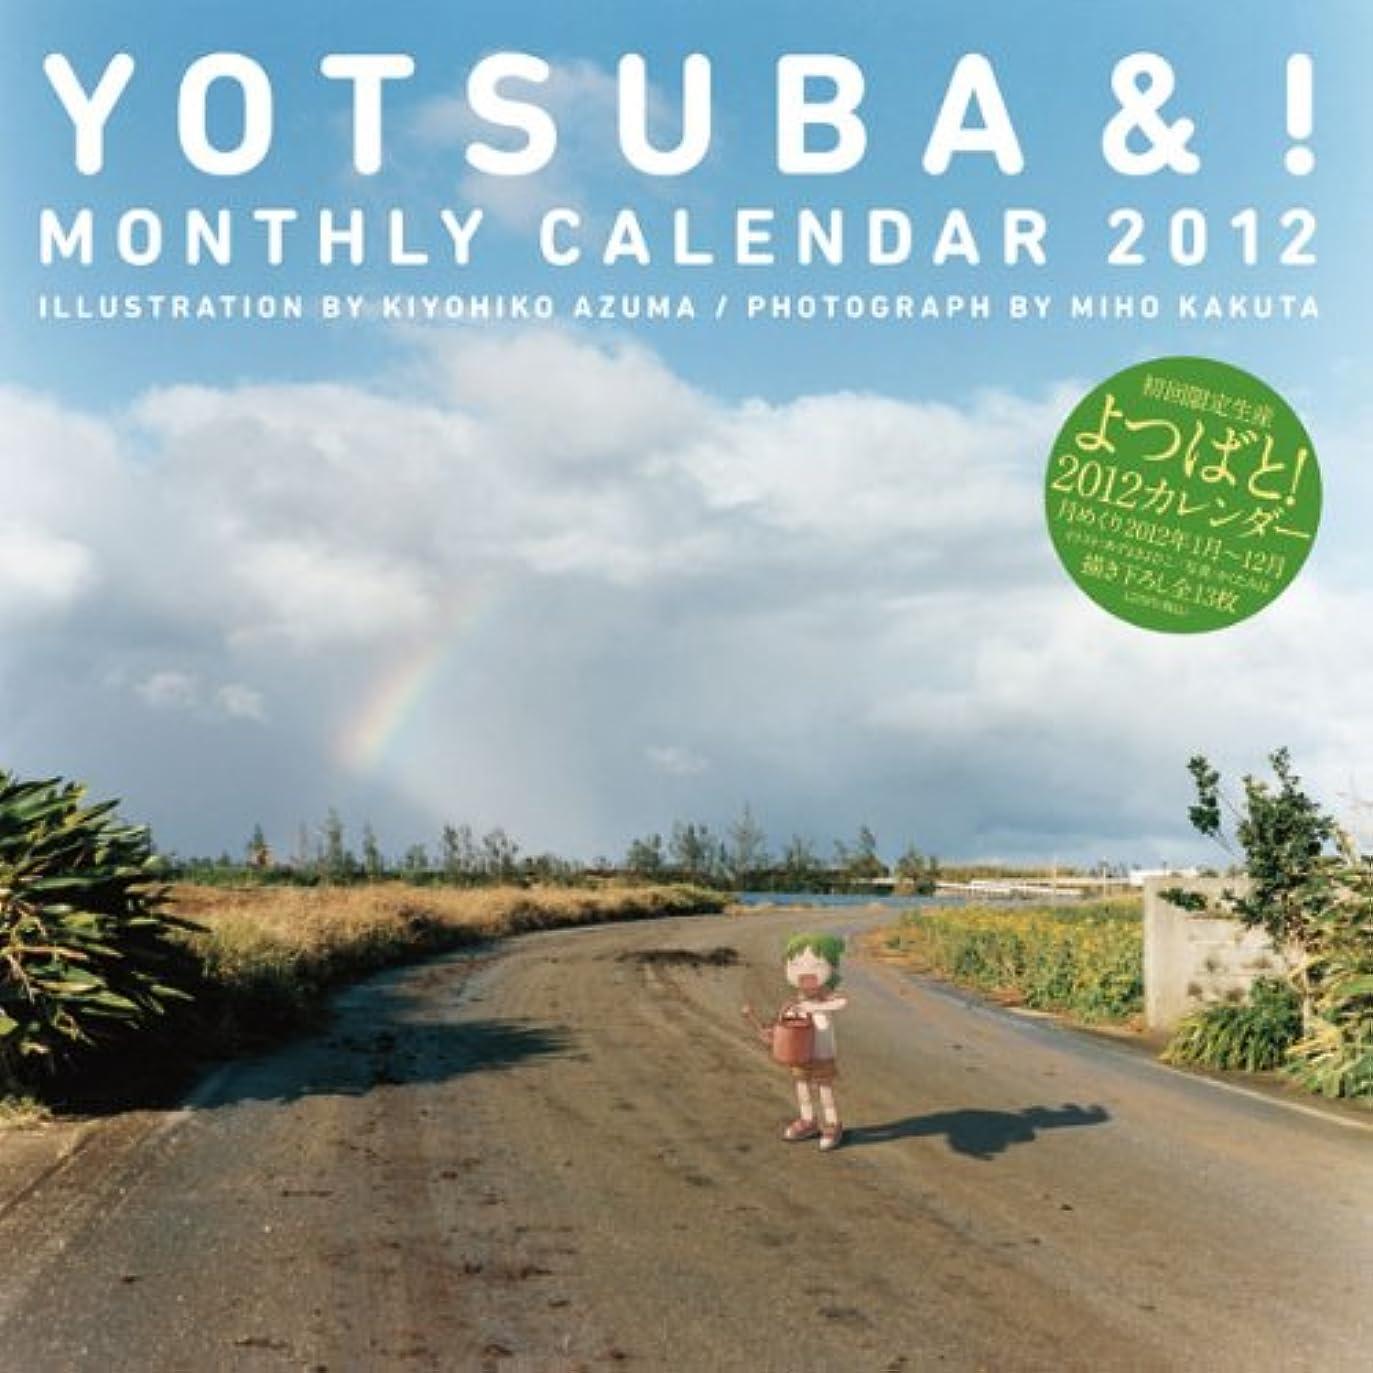 安価な複数アナロジー「よつばと!」2012カレンダー ([カレンダー])